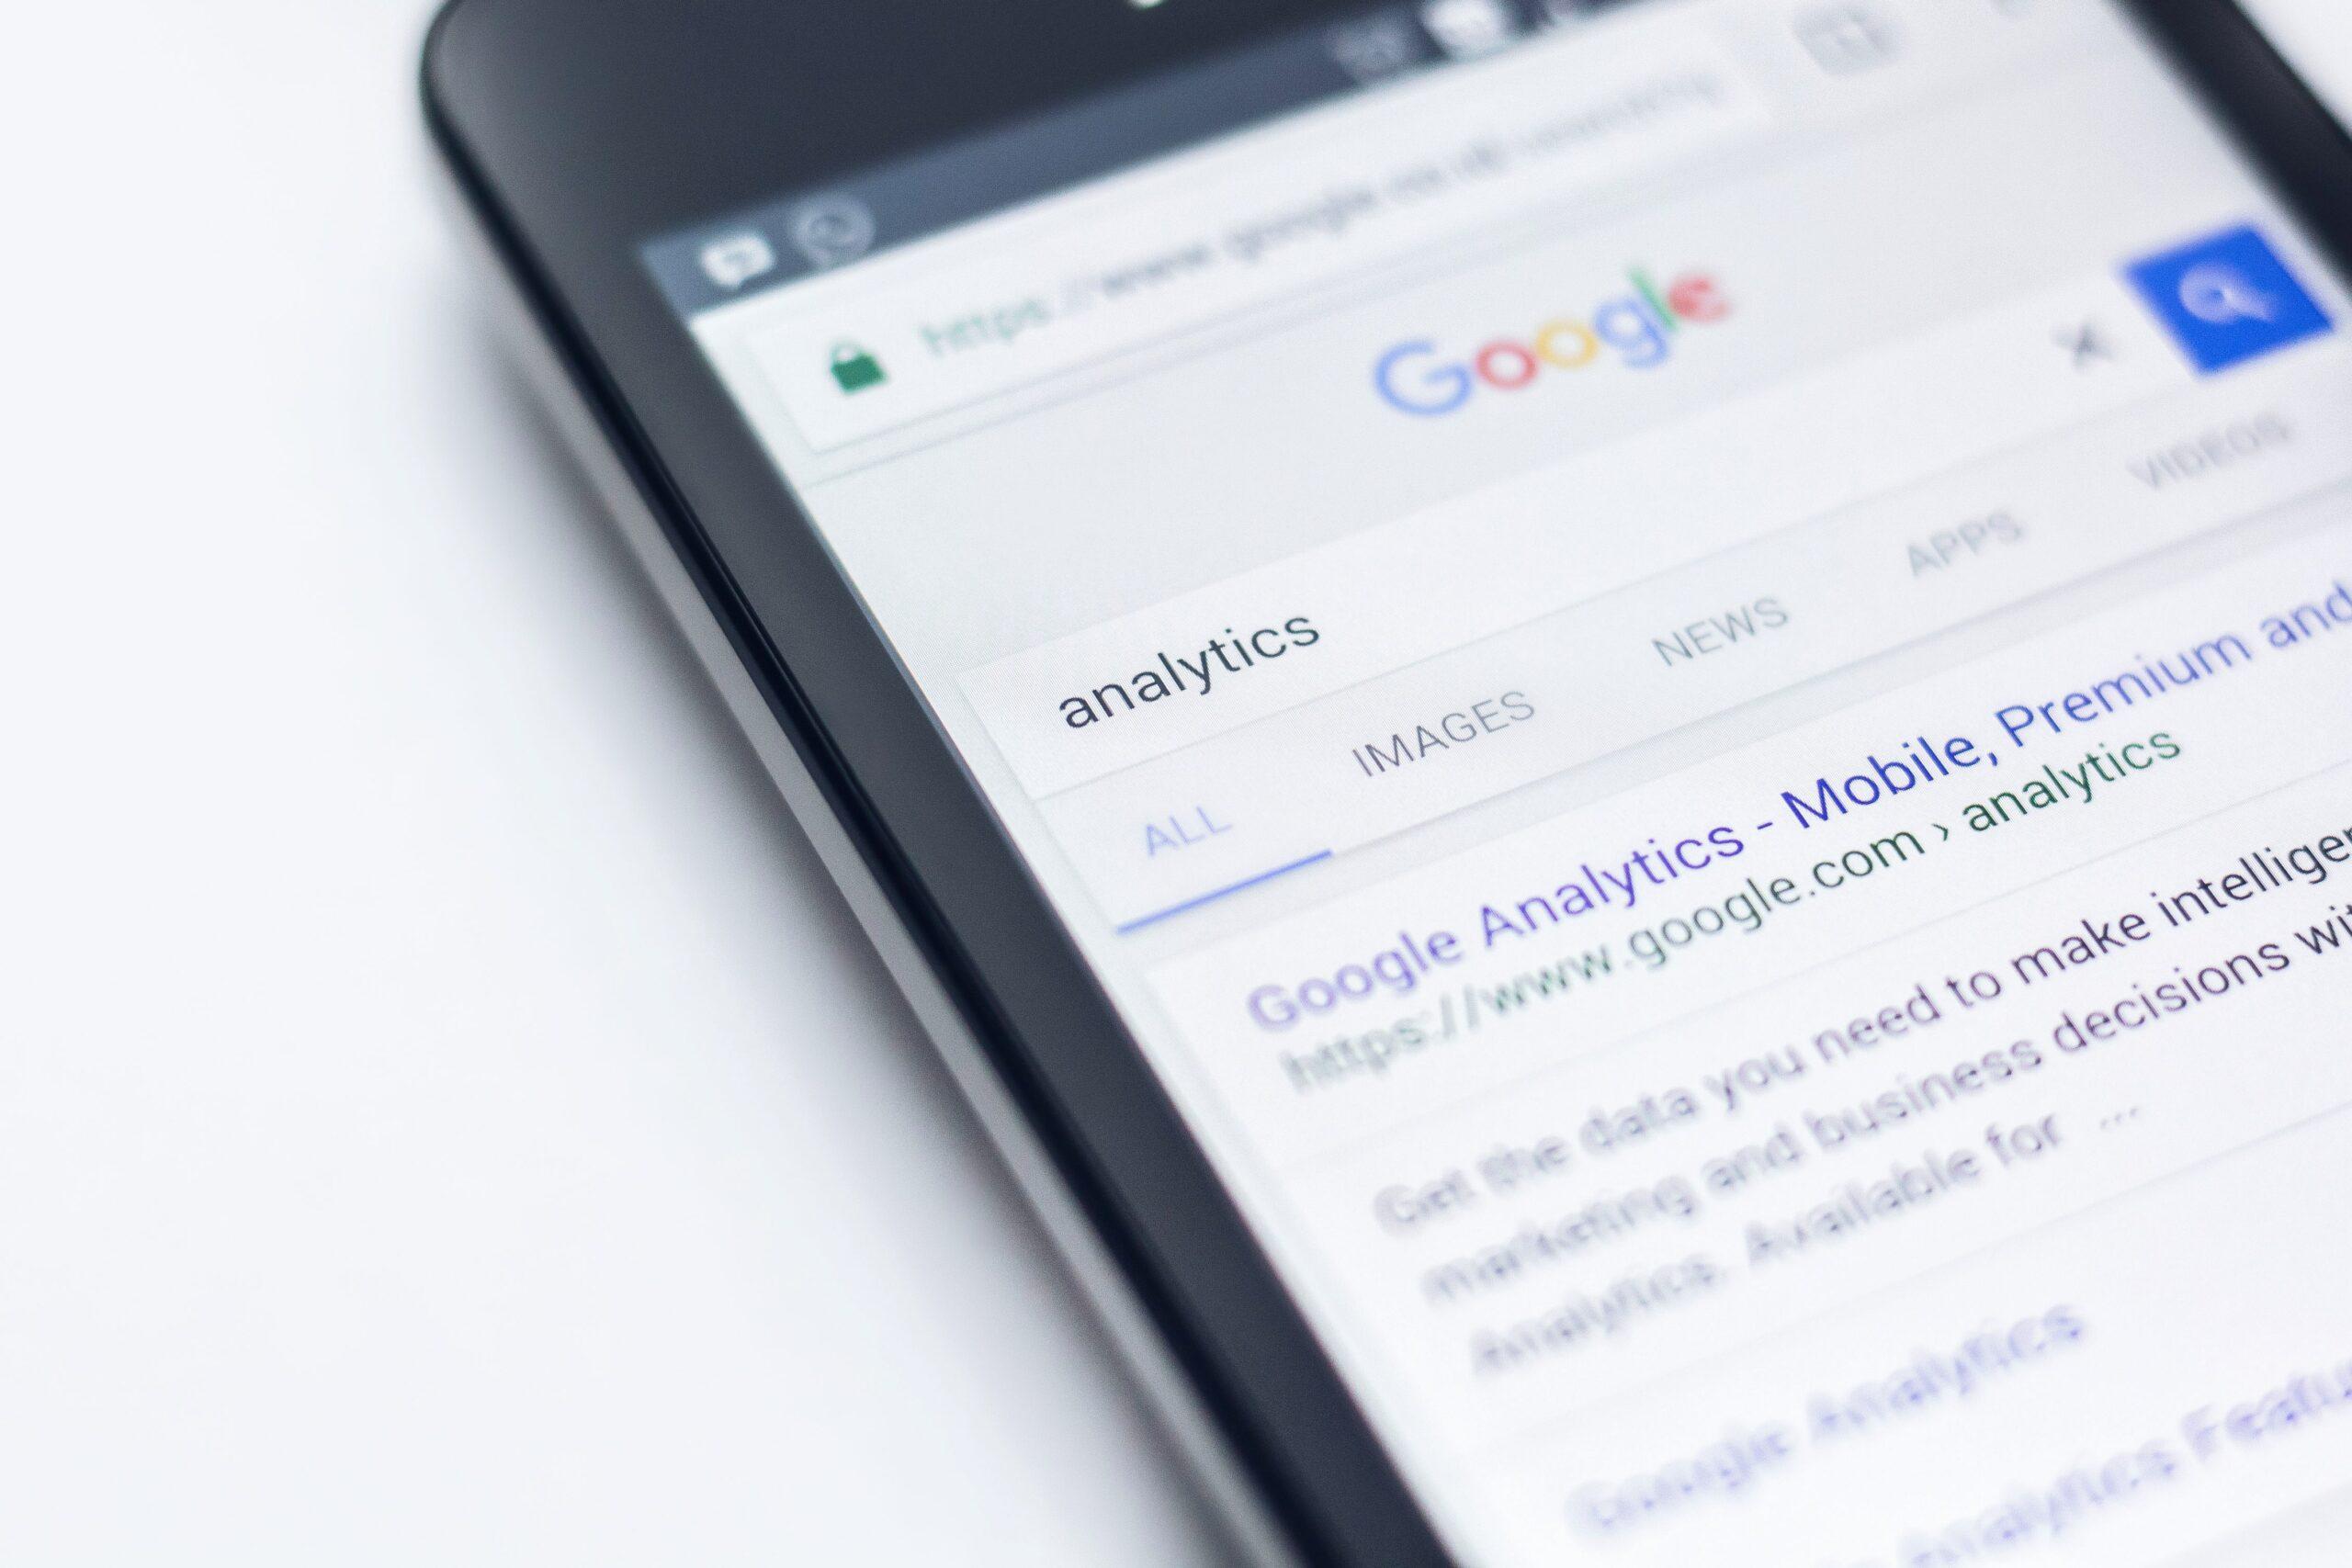 Πως να ξεπεράσετε μεγάλα brands στις αναζητήσεις στη Google